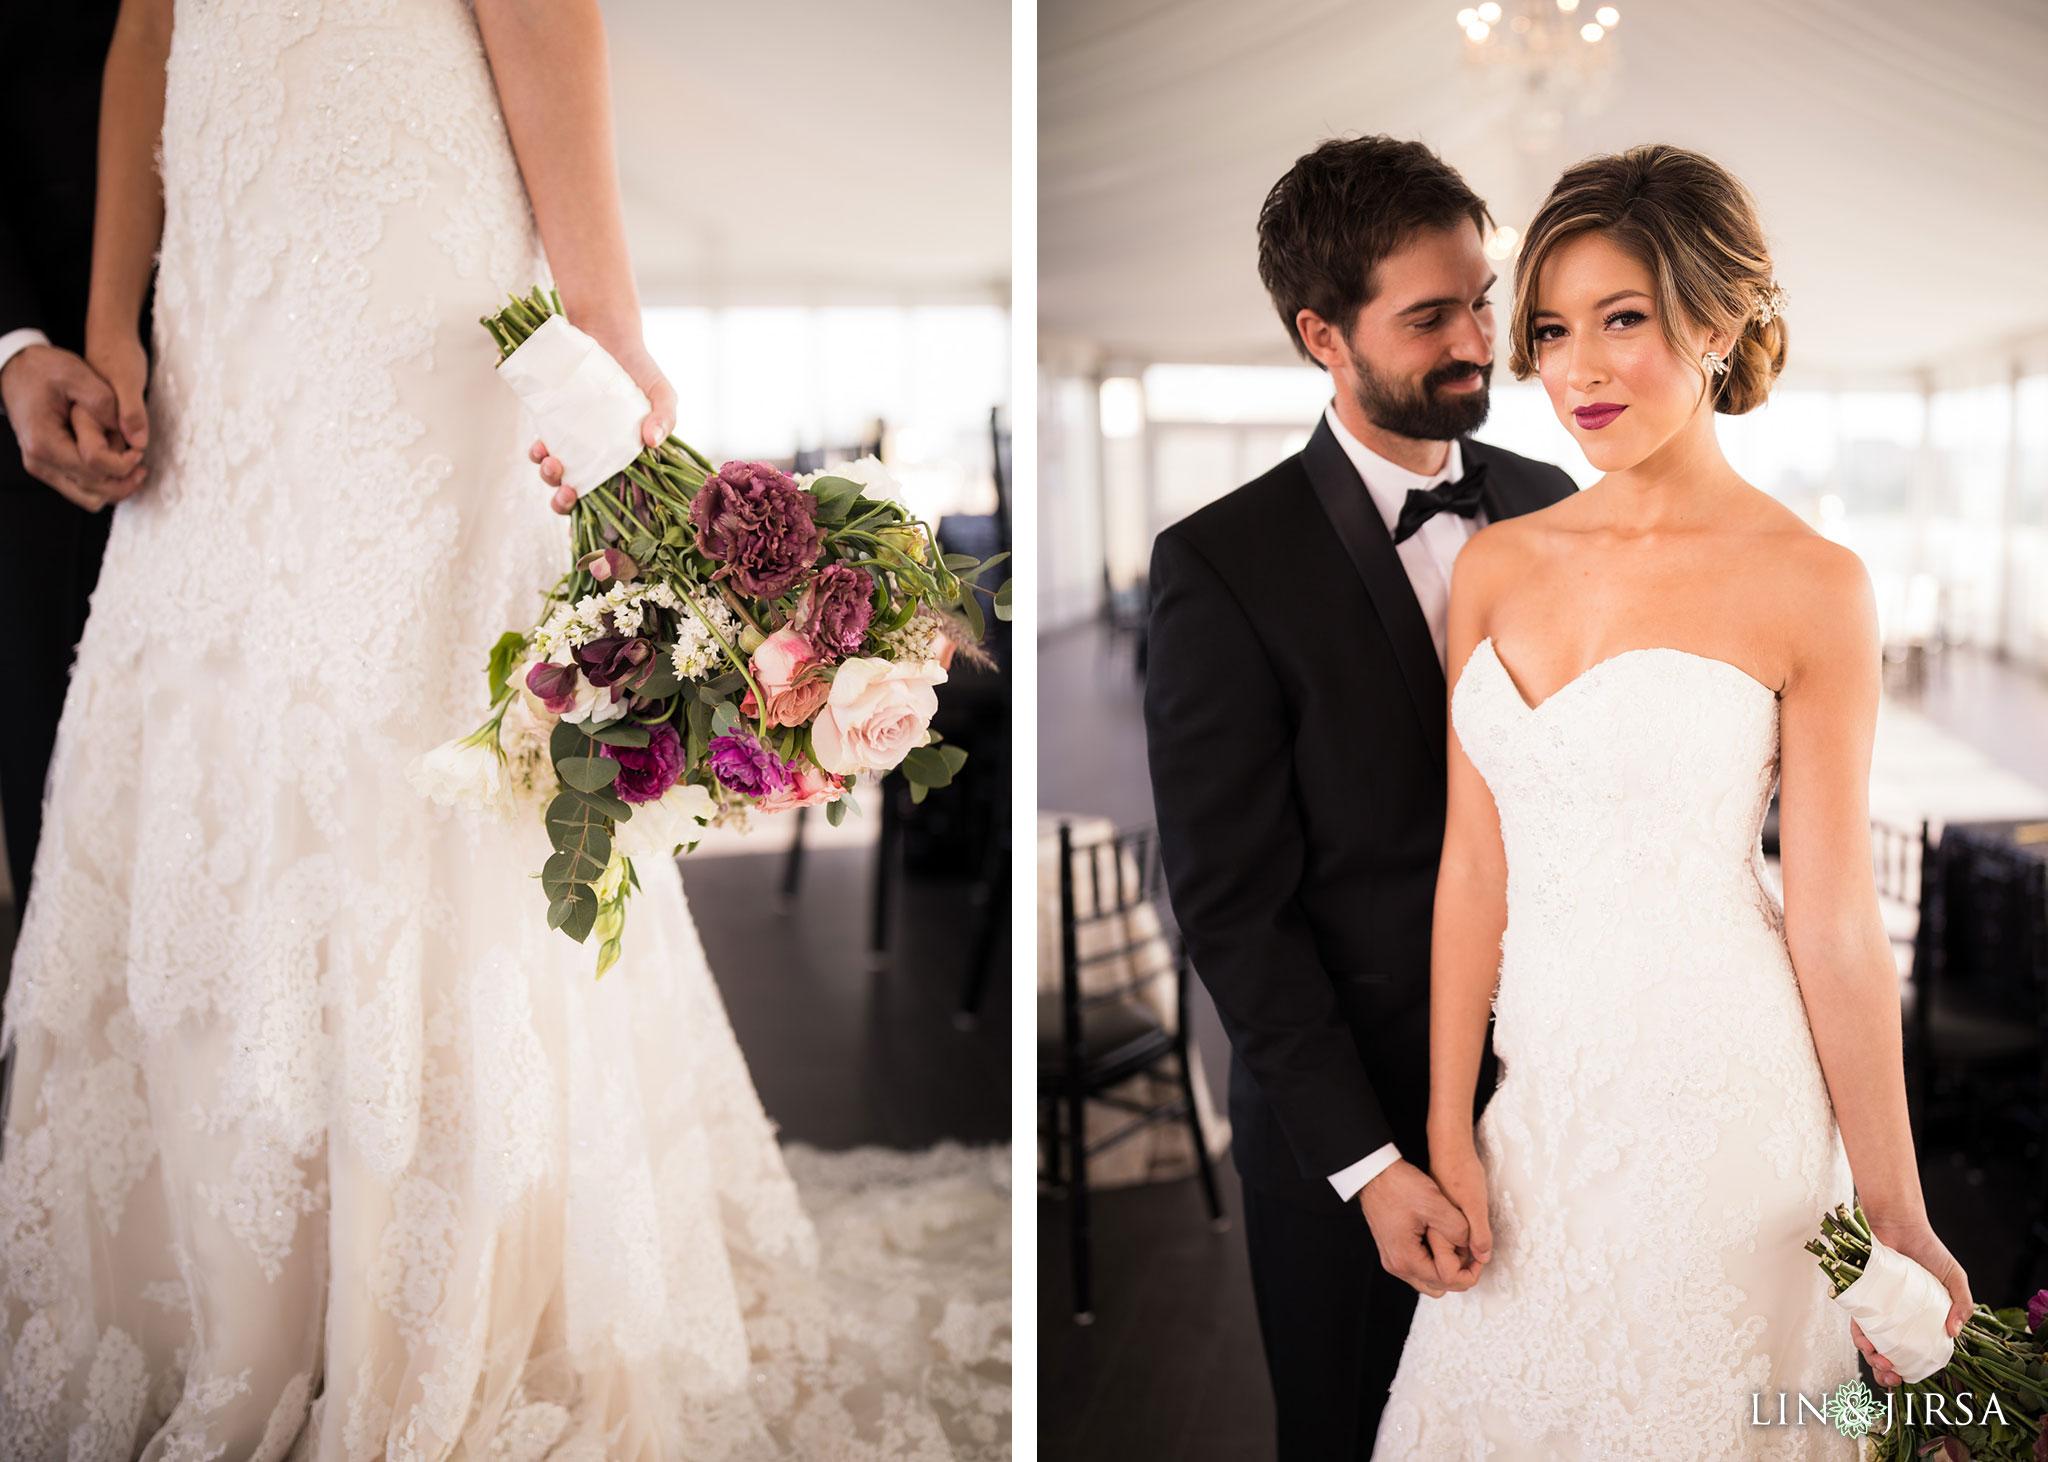 25 Kimpton La Peer Hotel West Hollywood Stylized Wedding Photography